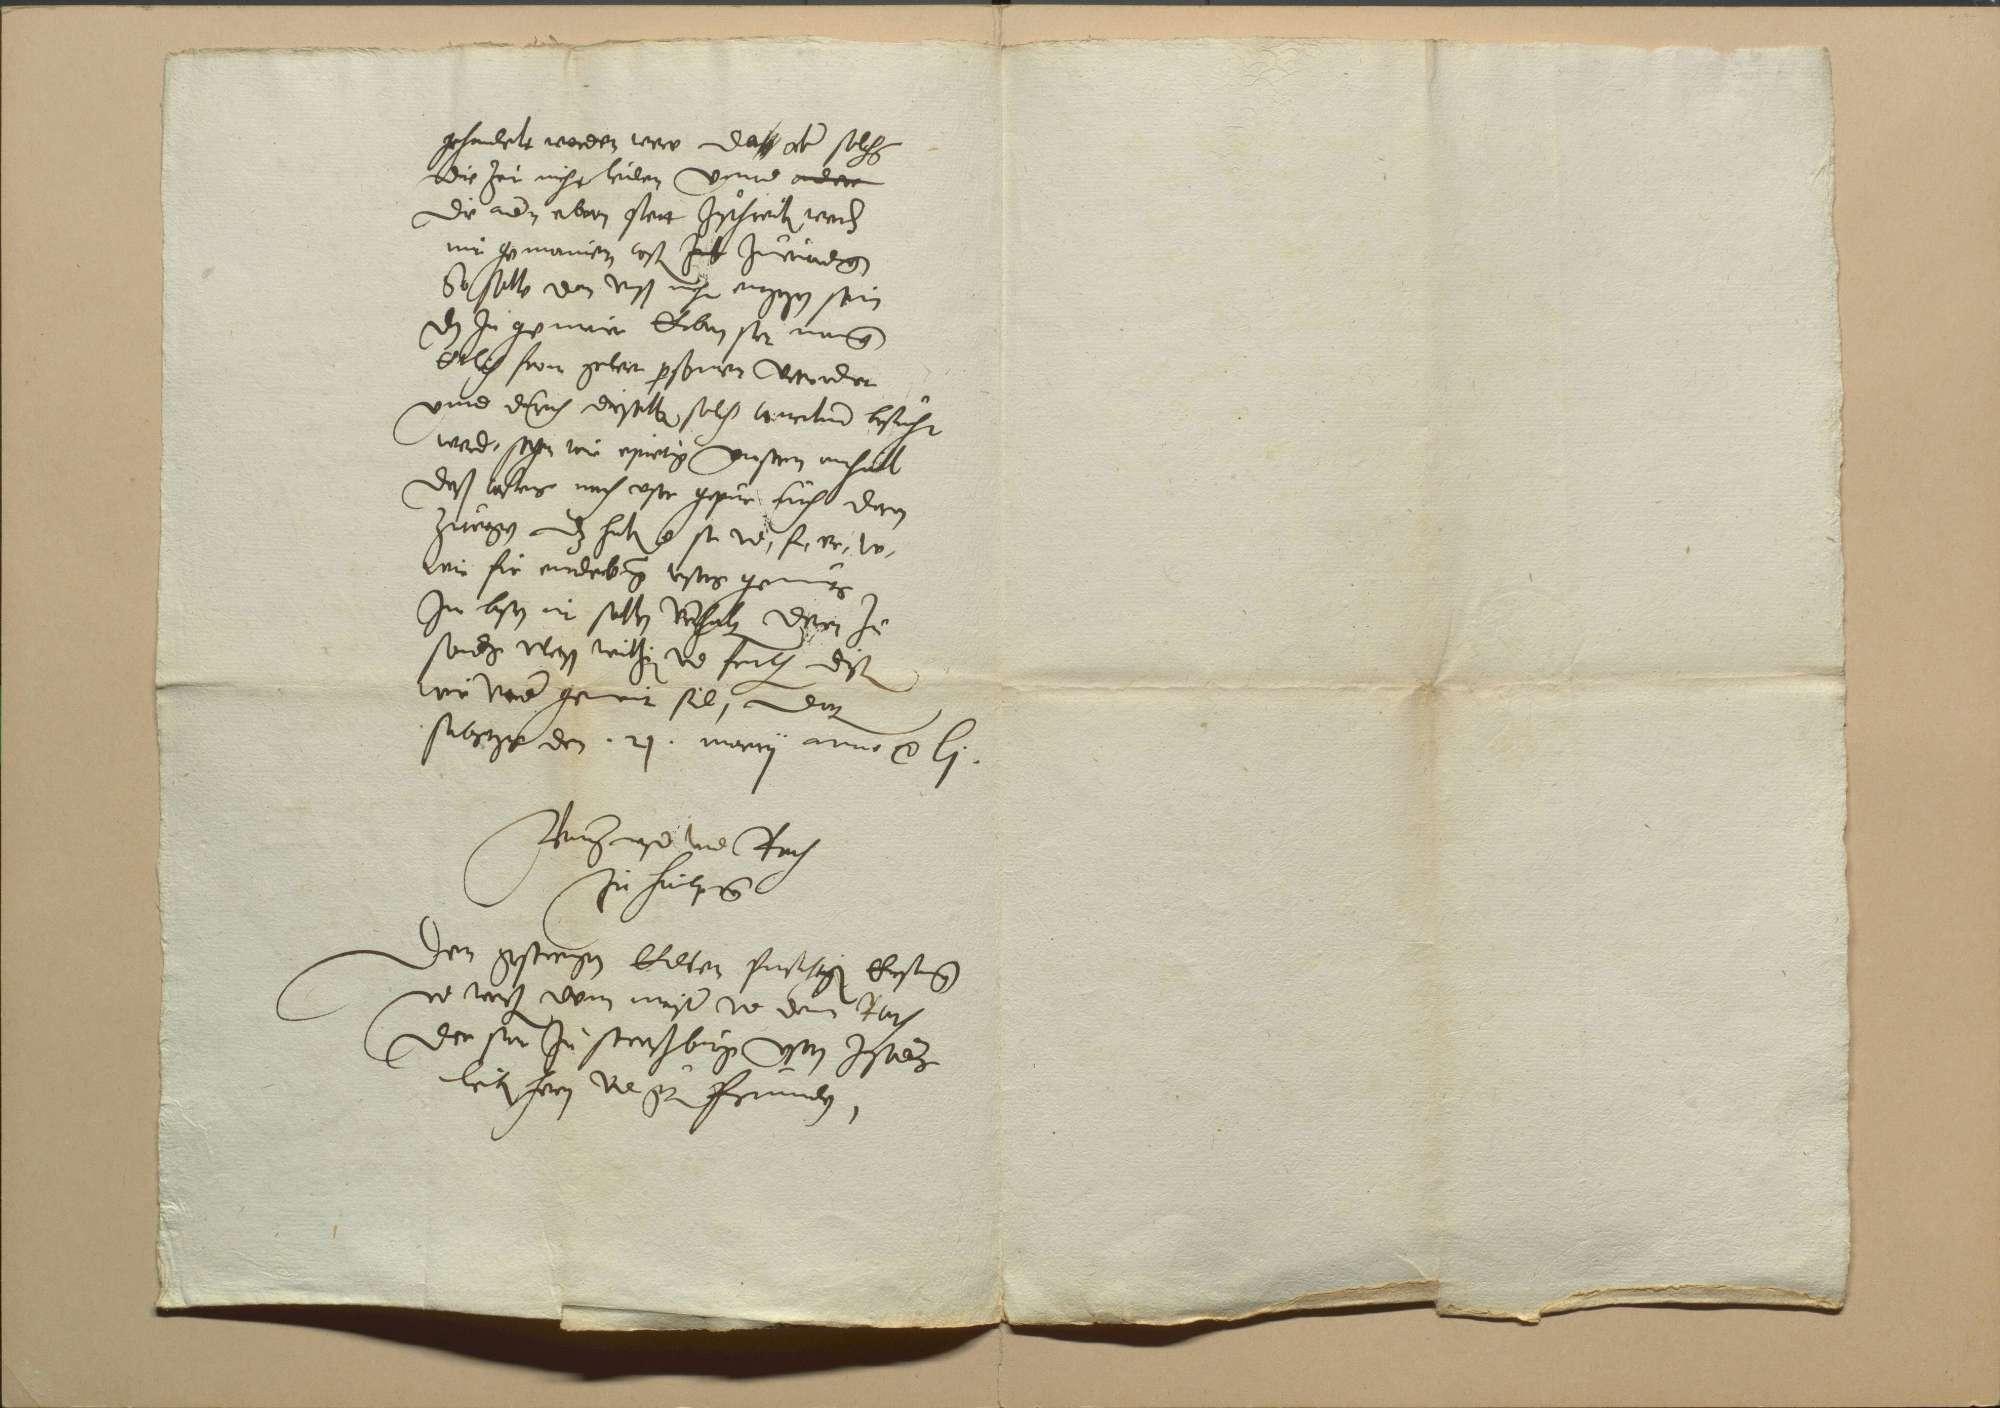 Konzil von Trient, die wegen Beschickung desselben mit Straßburg geführte Korrespondenz und das kaiserliche Ausschreiben dazu sowie Bedenken des Menrad Molther über die Frage, ob es beschickt werden solle und ein Schreiben eines bischöflichen Gesandten an seinen Herrn, von dem was auf dem Konzil vorgegangen ist, 1. Mai 1551, Bild 3